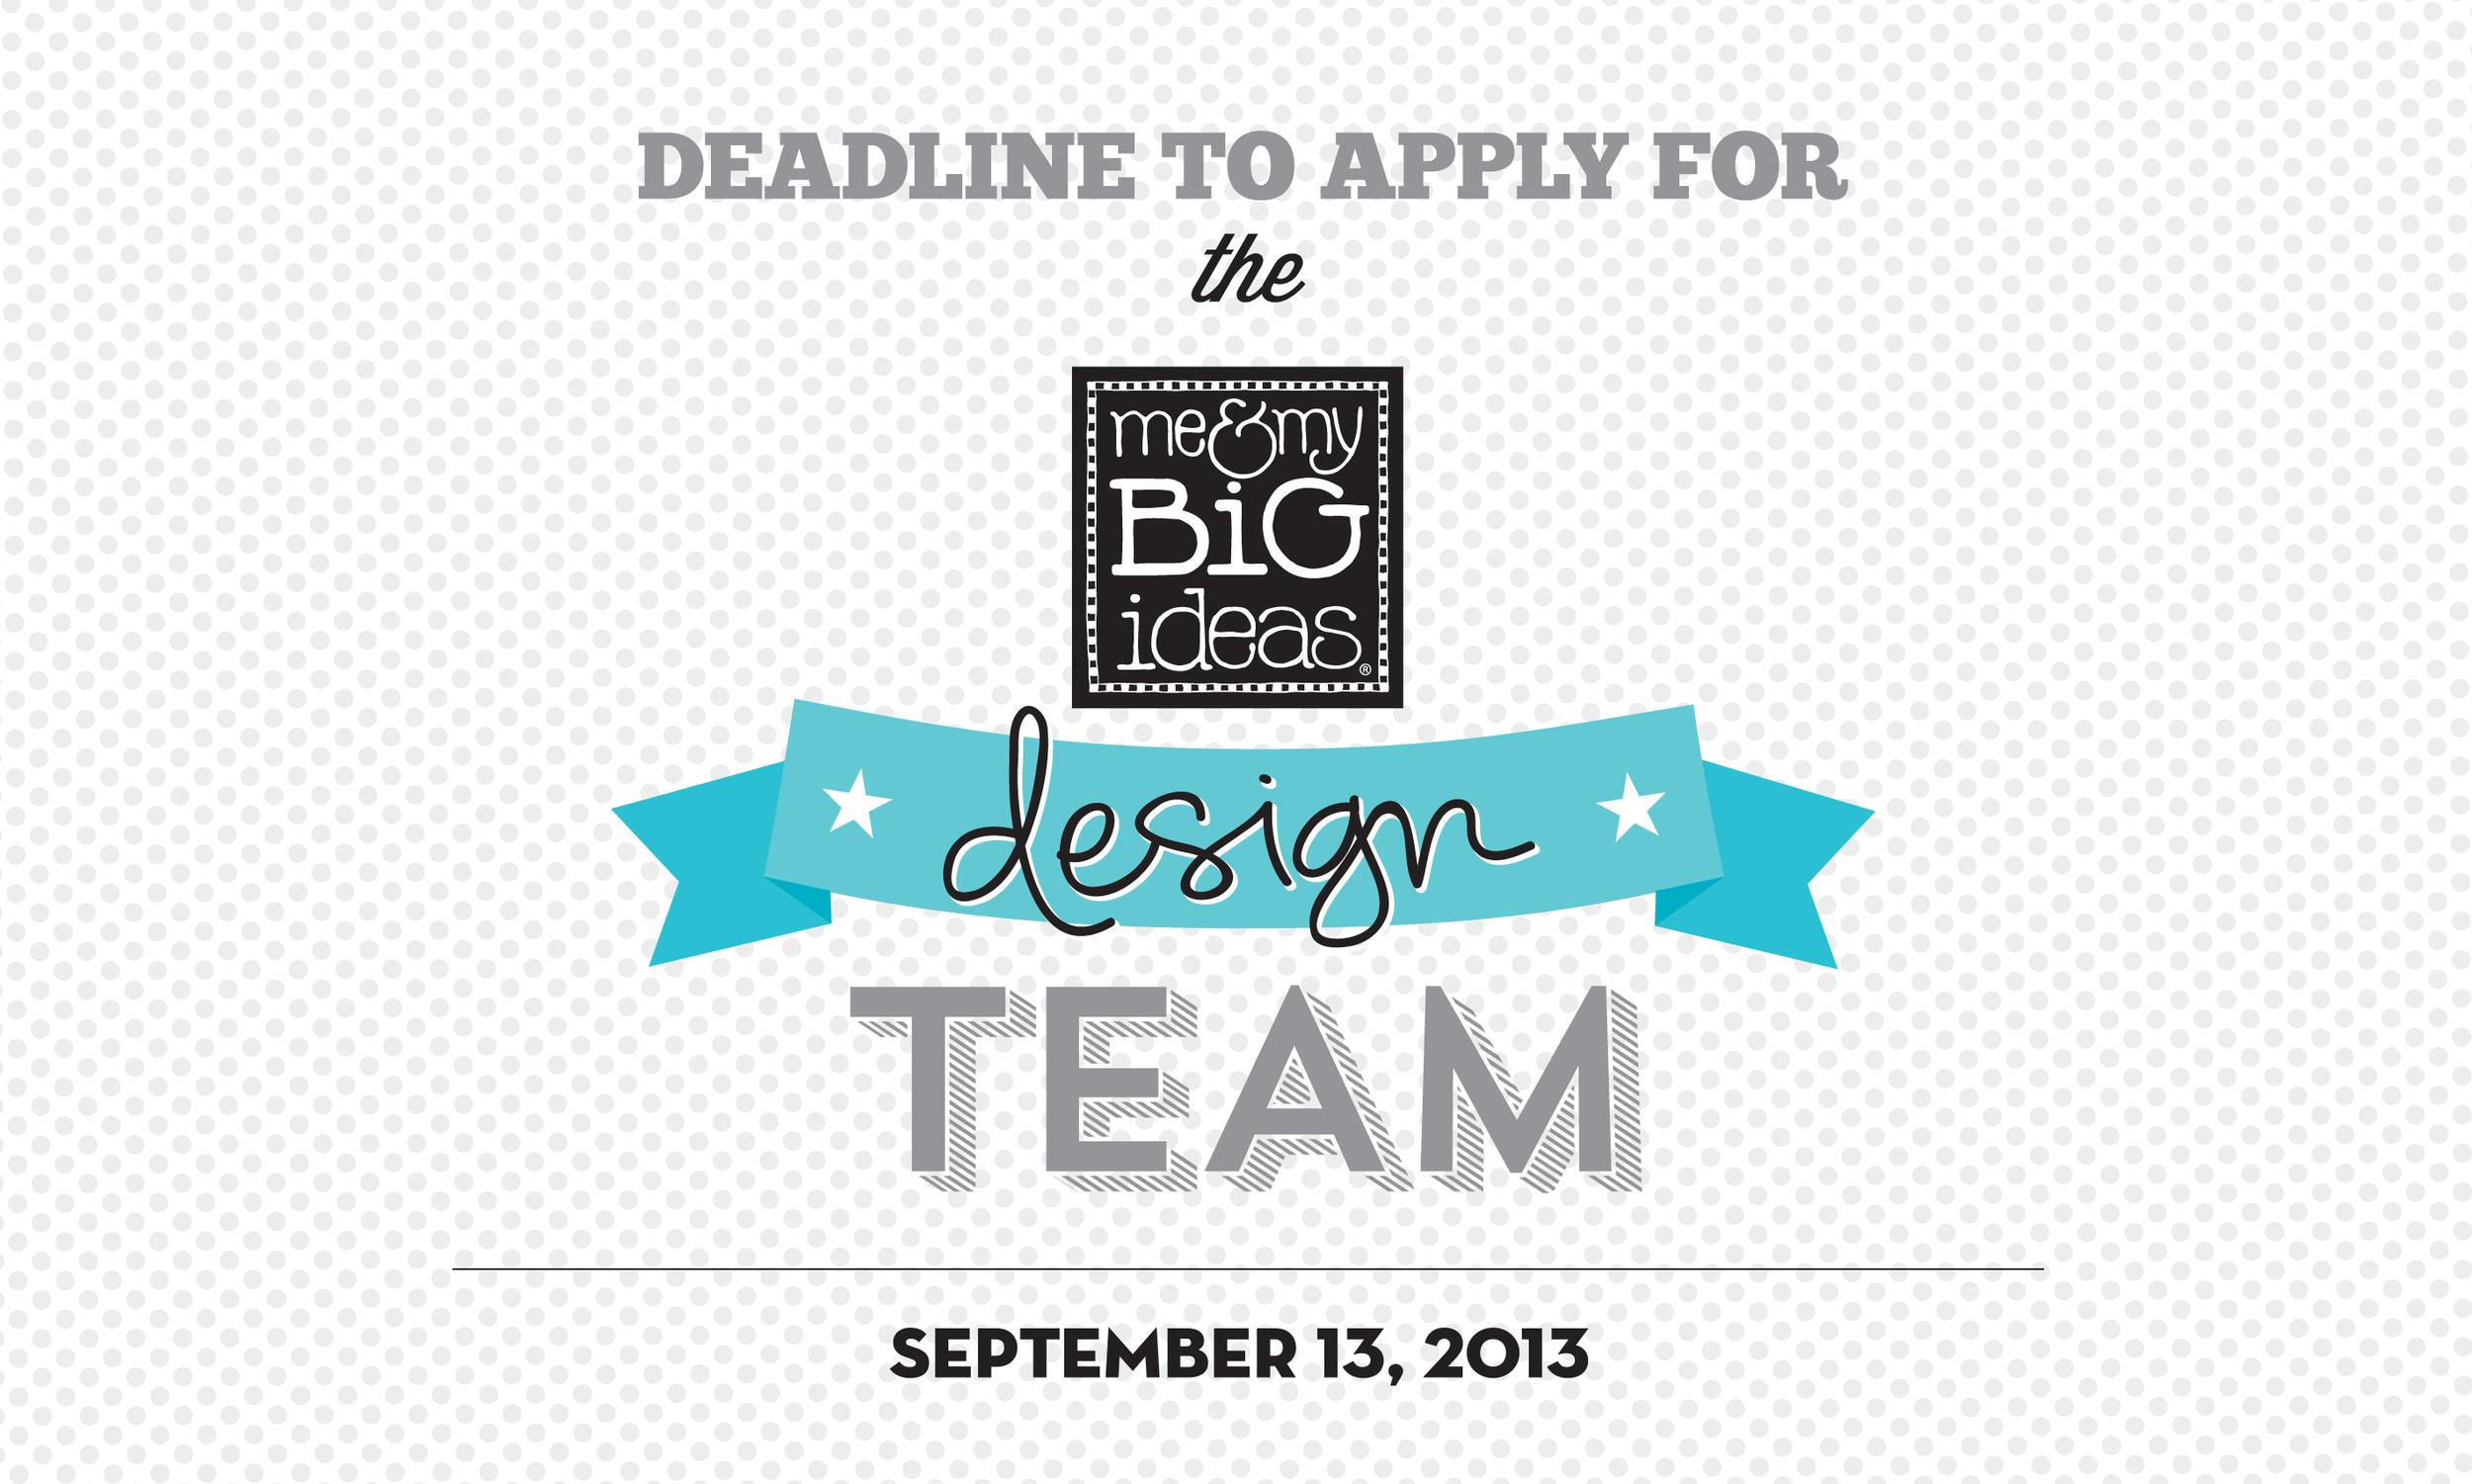 mambi design team call deadline announced! September 13th, 2013.